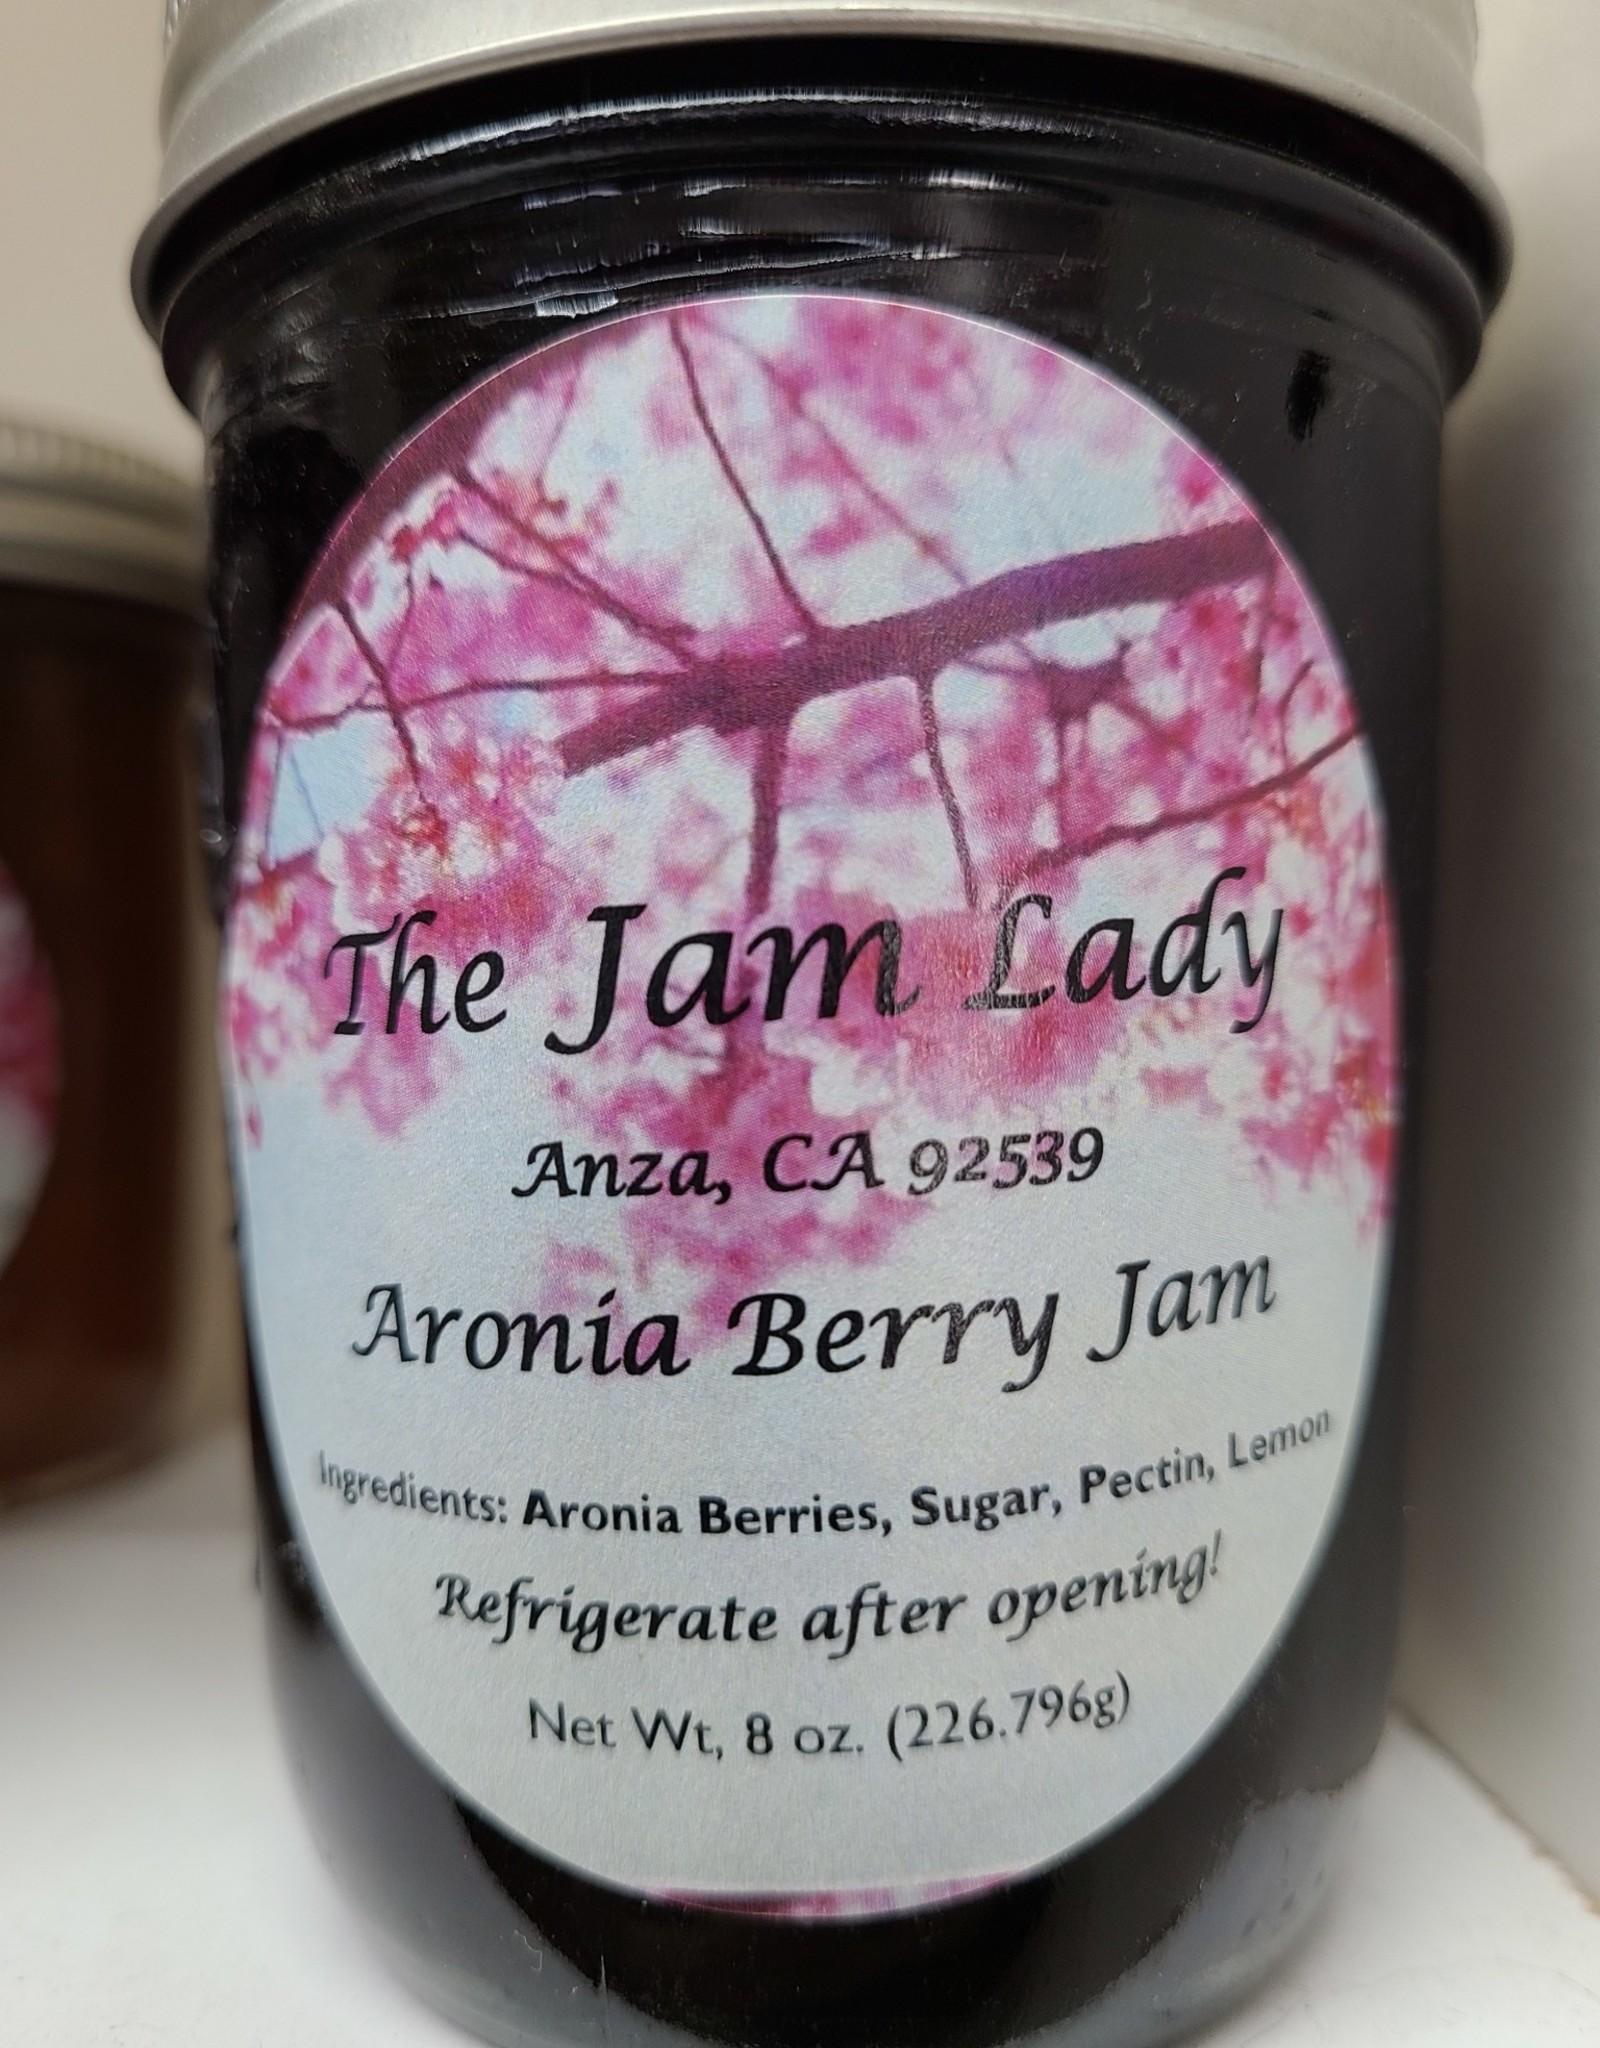 Aronia Berry Jam